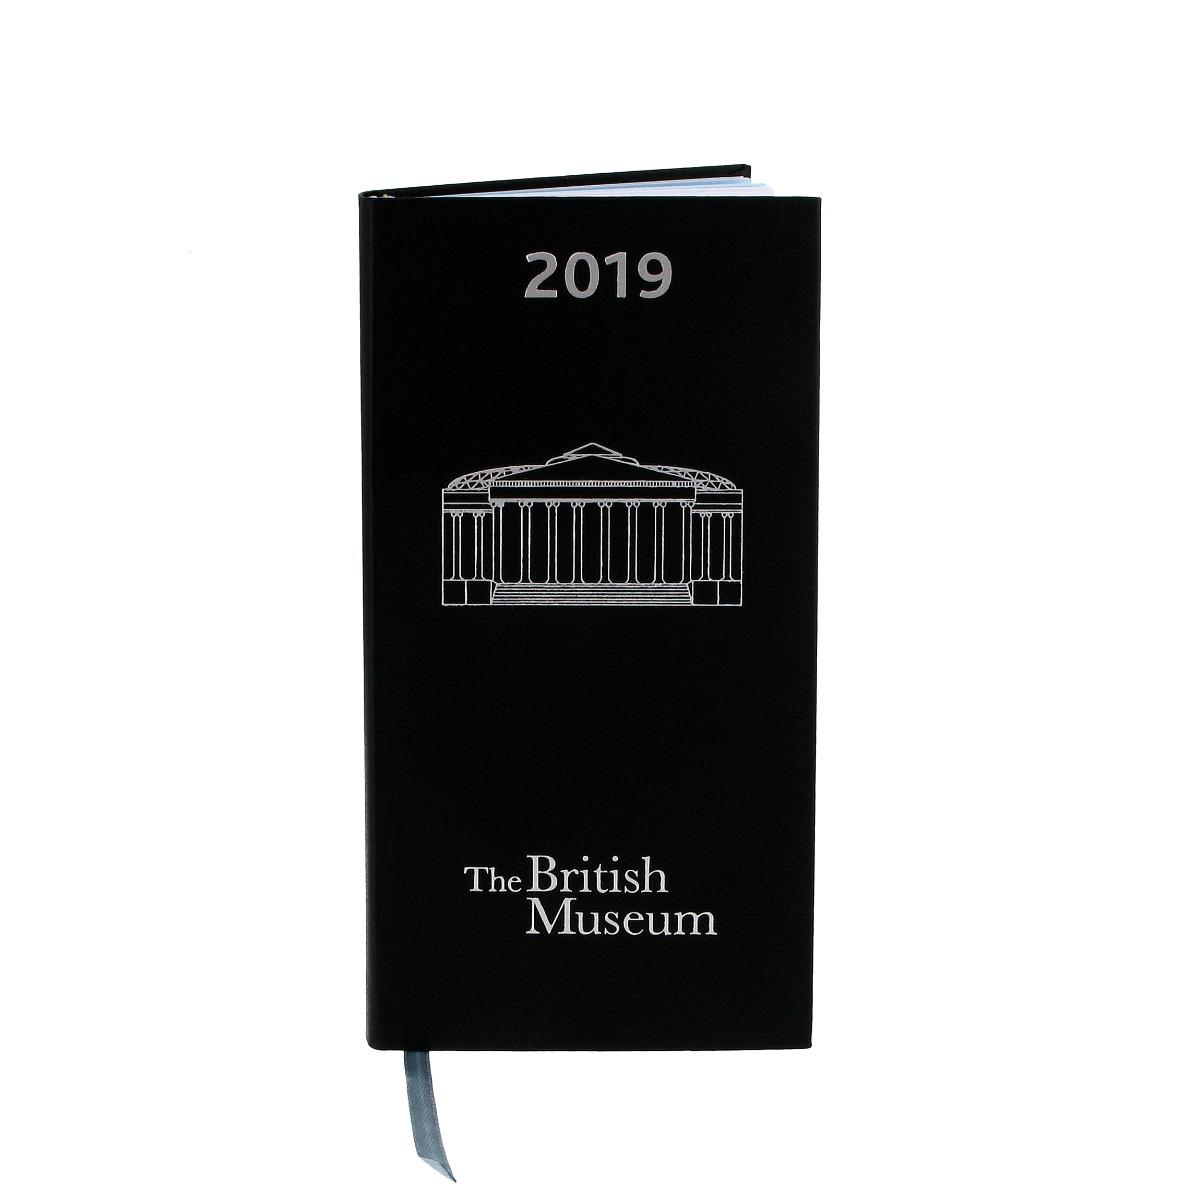 British Museum 2019 diary